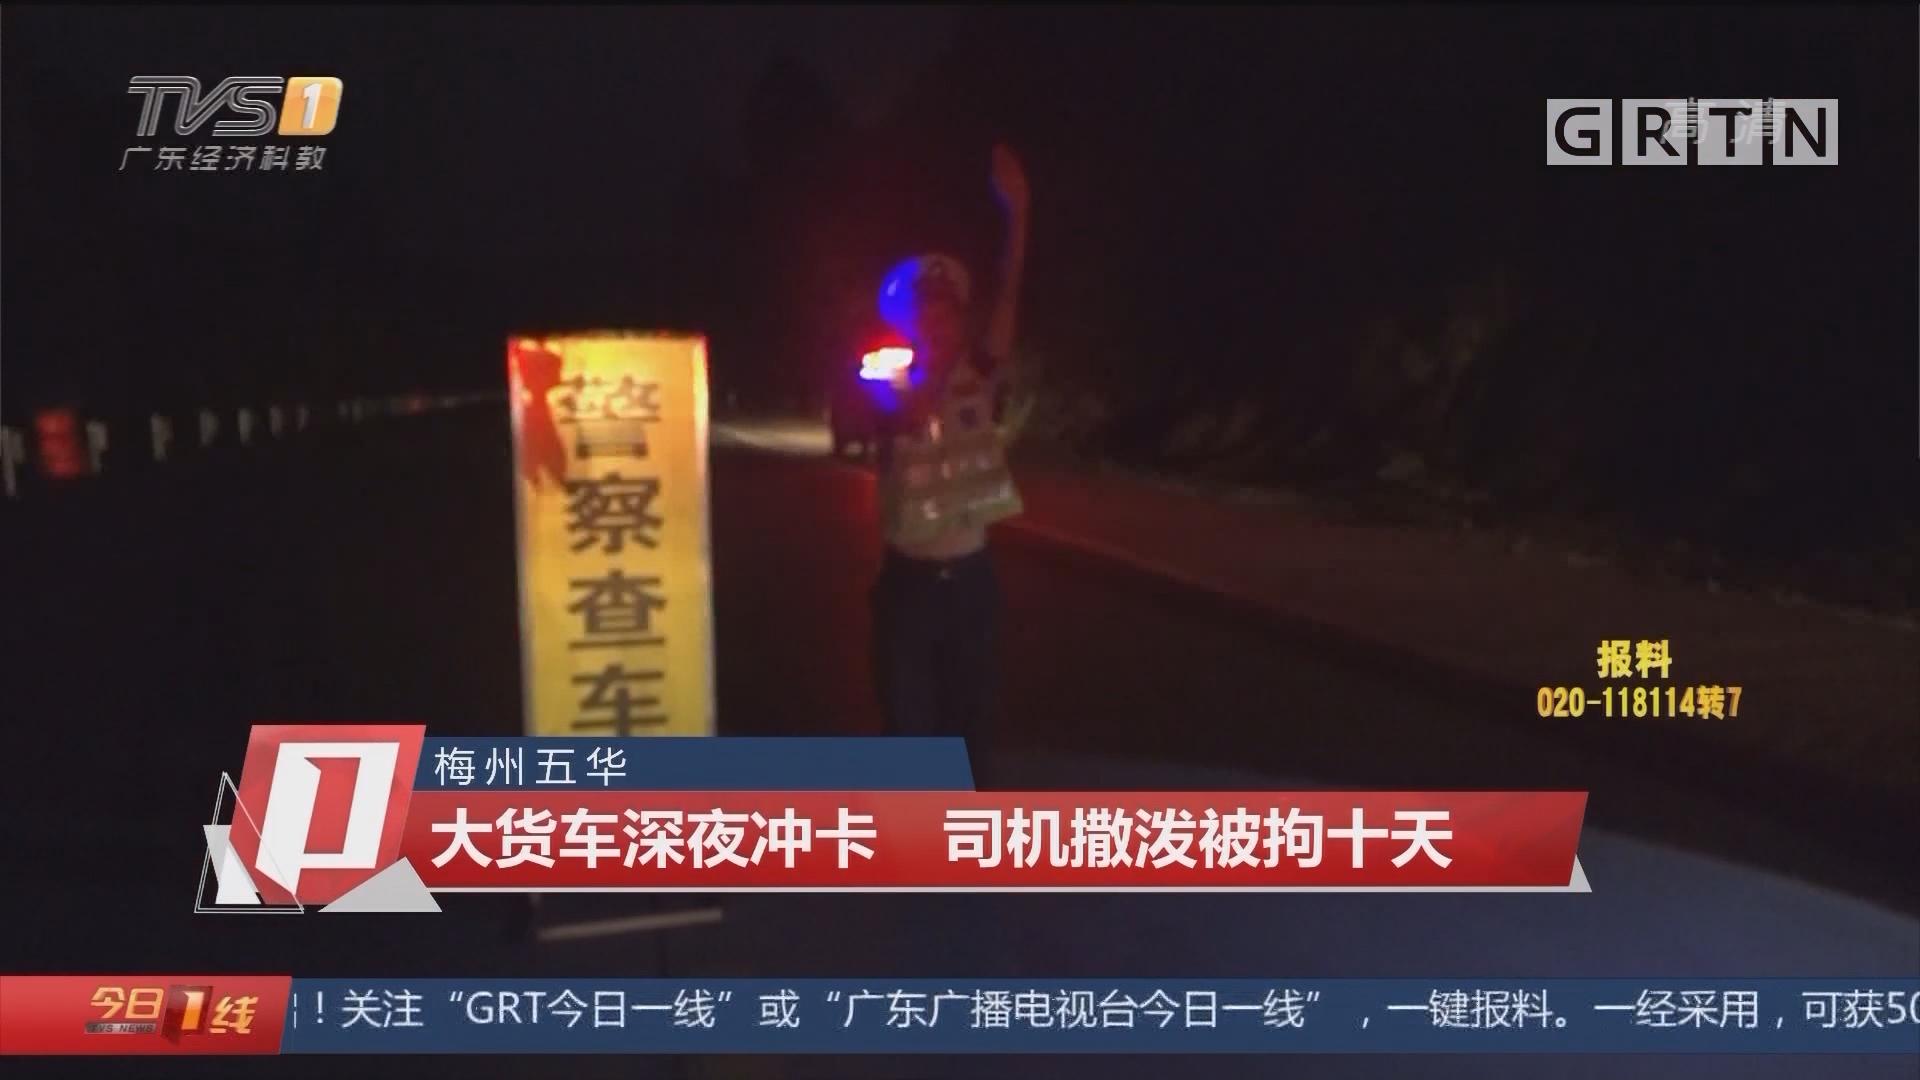 梅州五华 大货车深夜冲卡 司机撒泼被拘十天